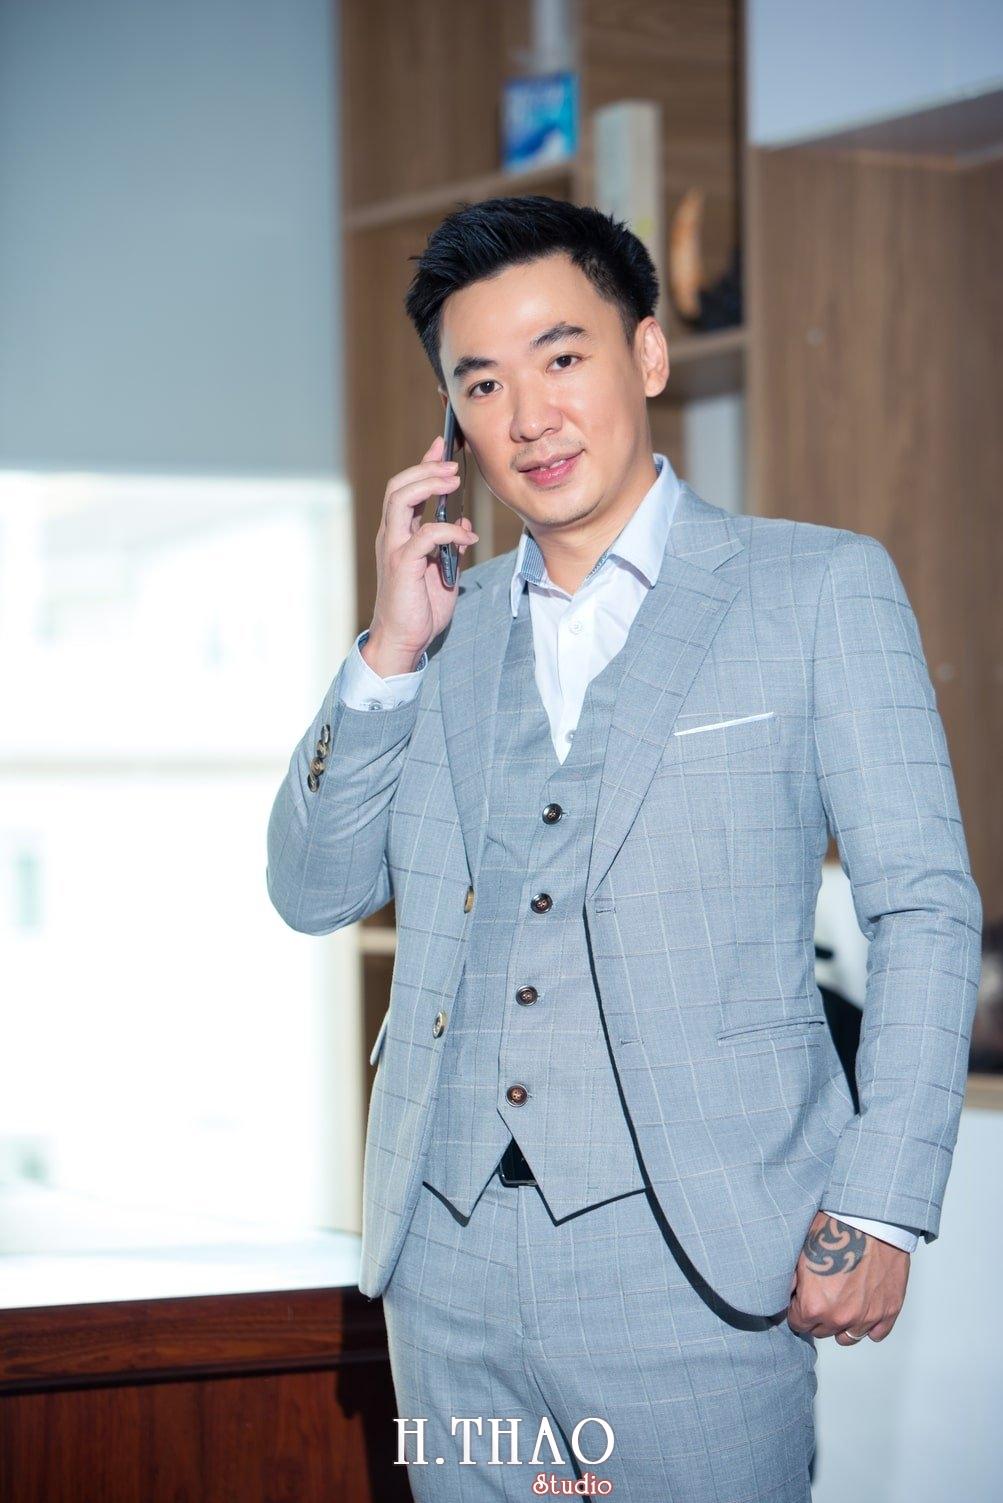 Ricky 7 - Bộ ảnh giám đốc Ricky lịch lãm phong cách - HThao Studio